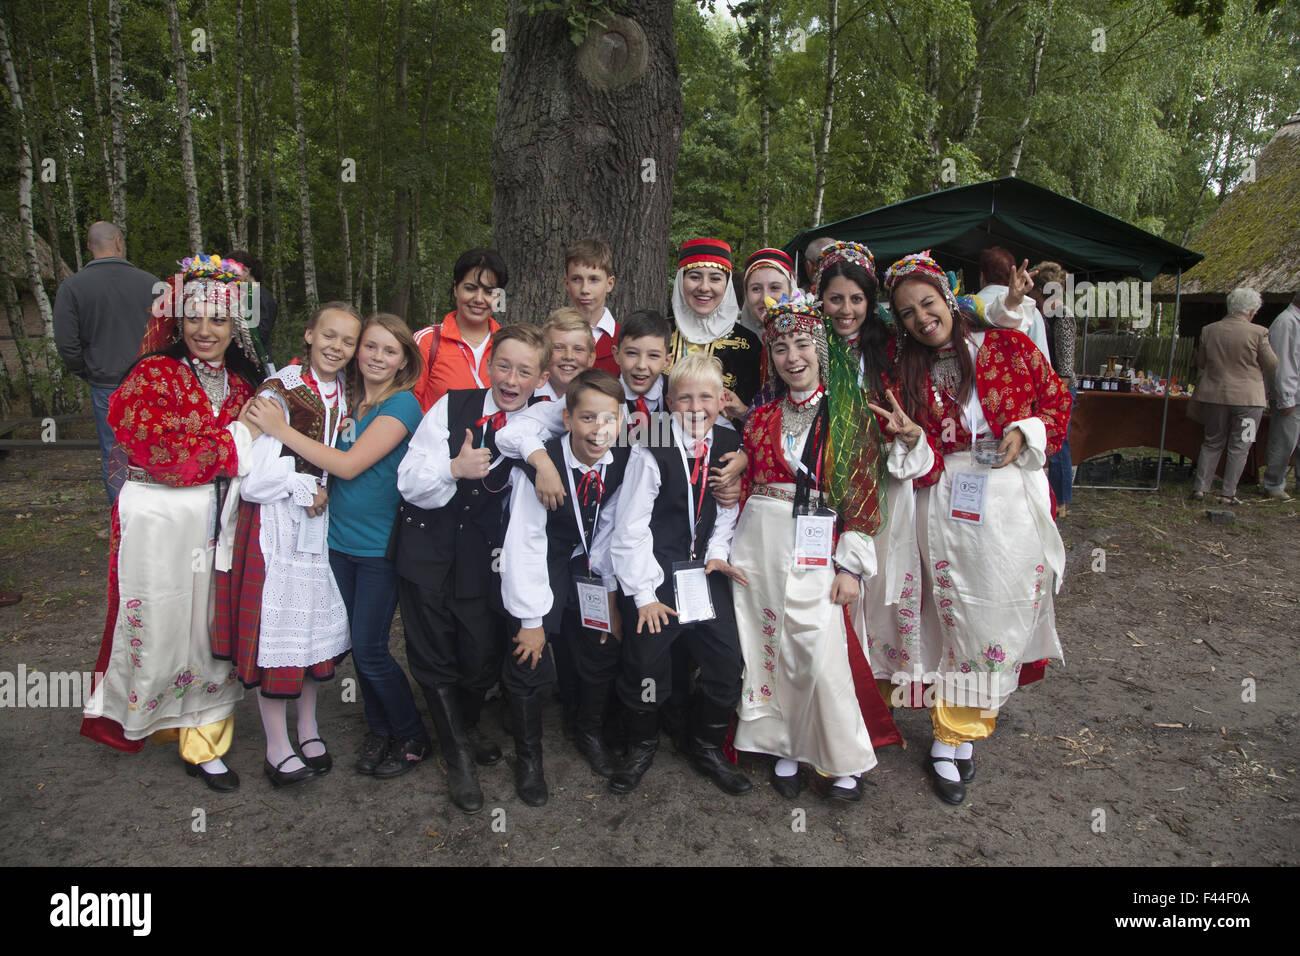 Les danseurs folkloriques de différents pays dans un cadre international folk arts festival posent ensemble Photo Stock